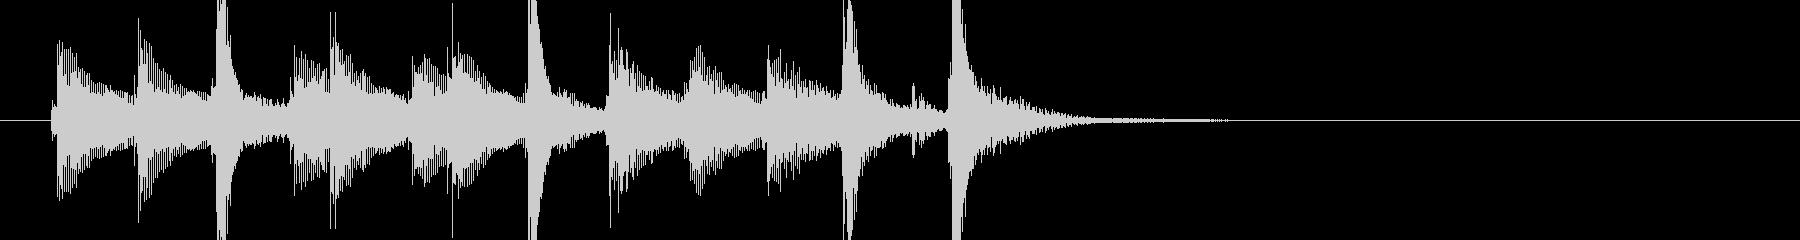 三味線103ロックっぽいリフ生音歌舞伎和の未再生の波形